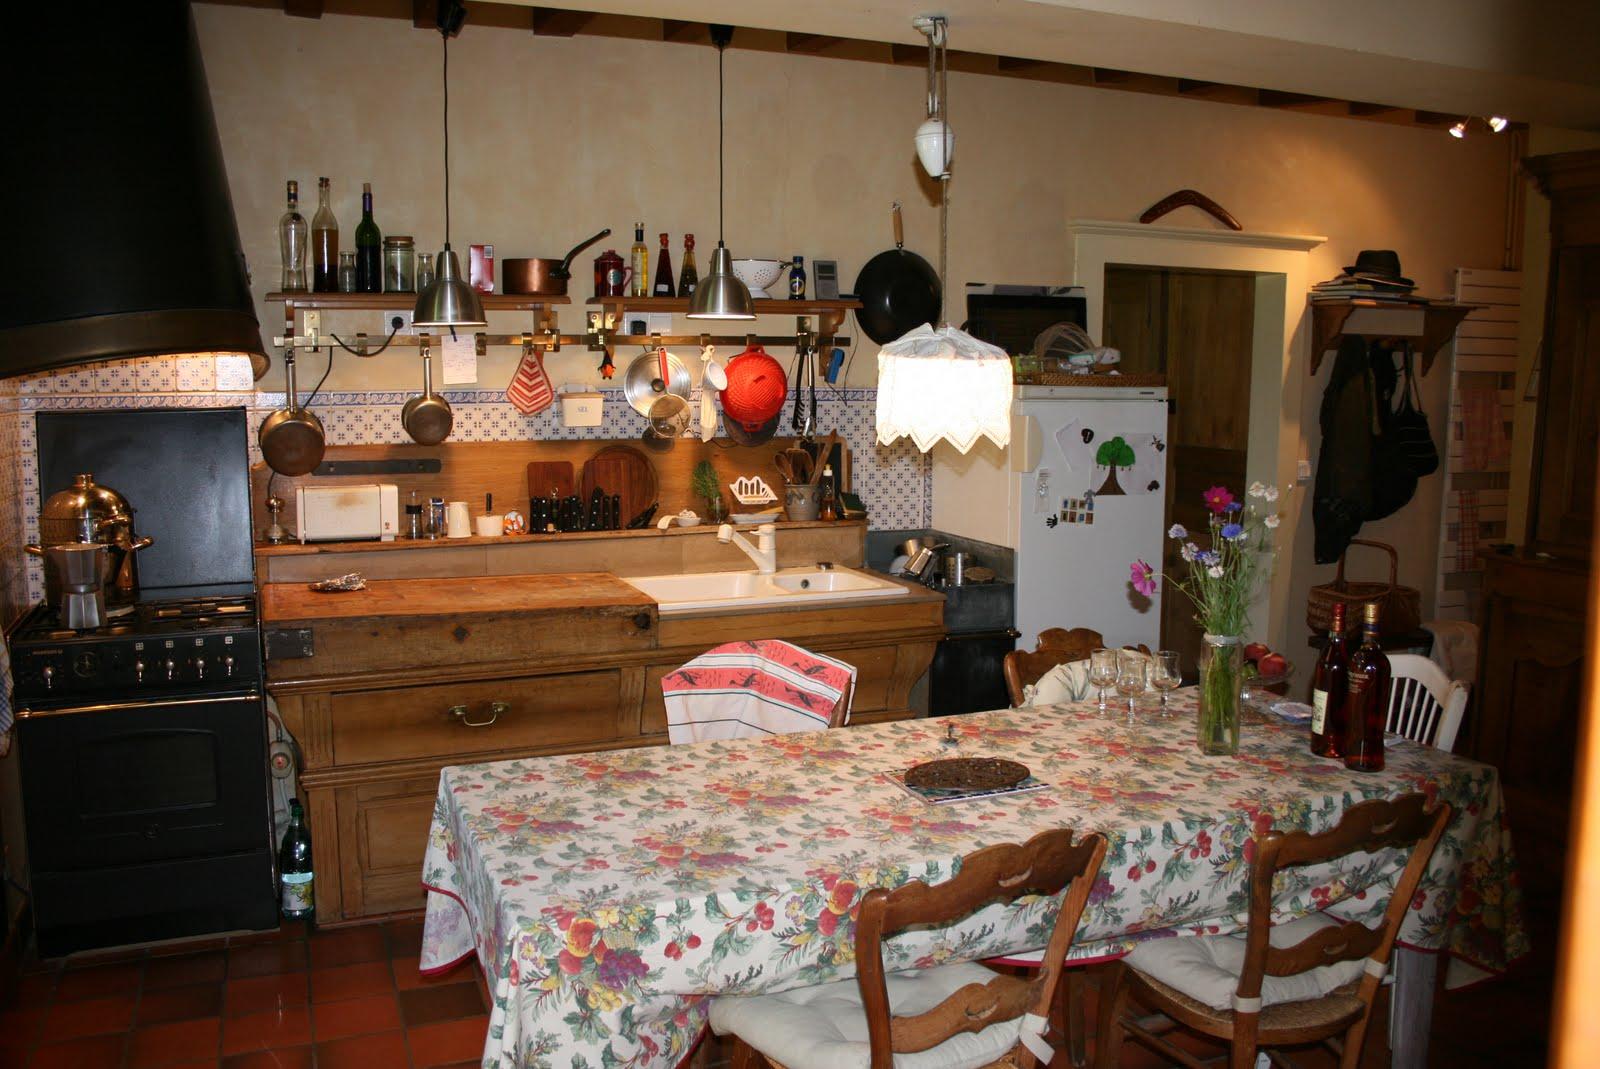 Maison ancienne hermeray 78 la cuisine for Cuisine maison ancienne